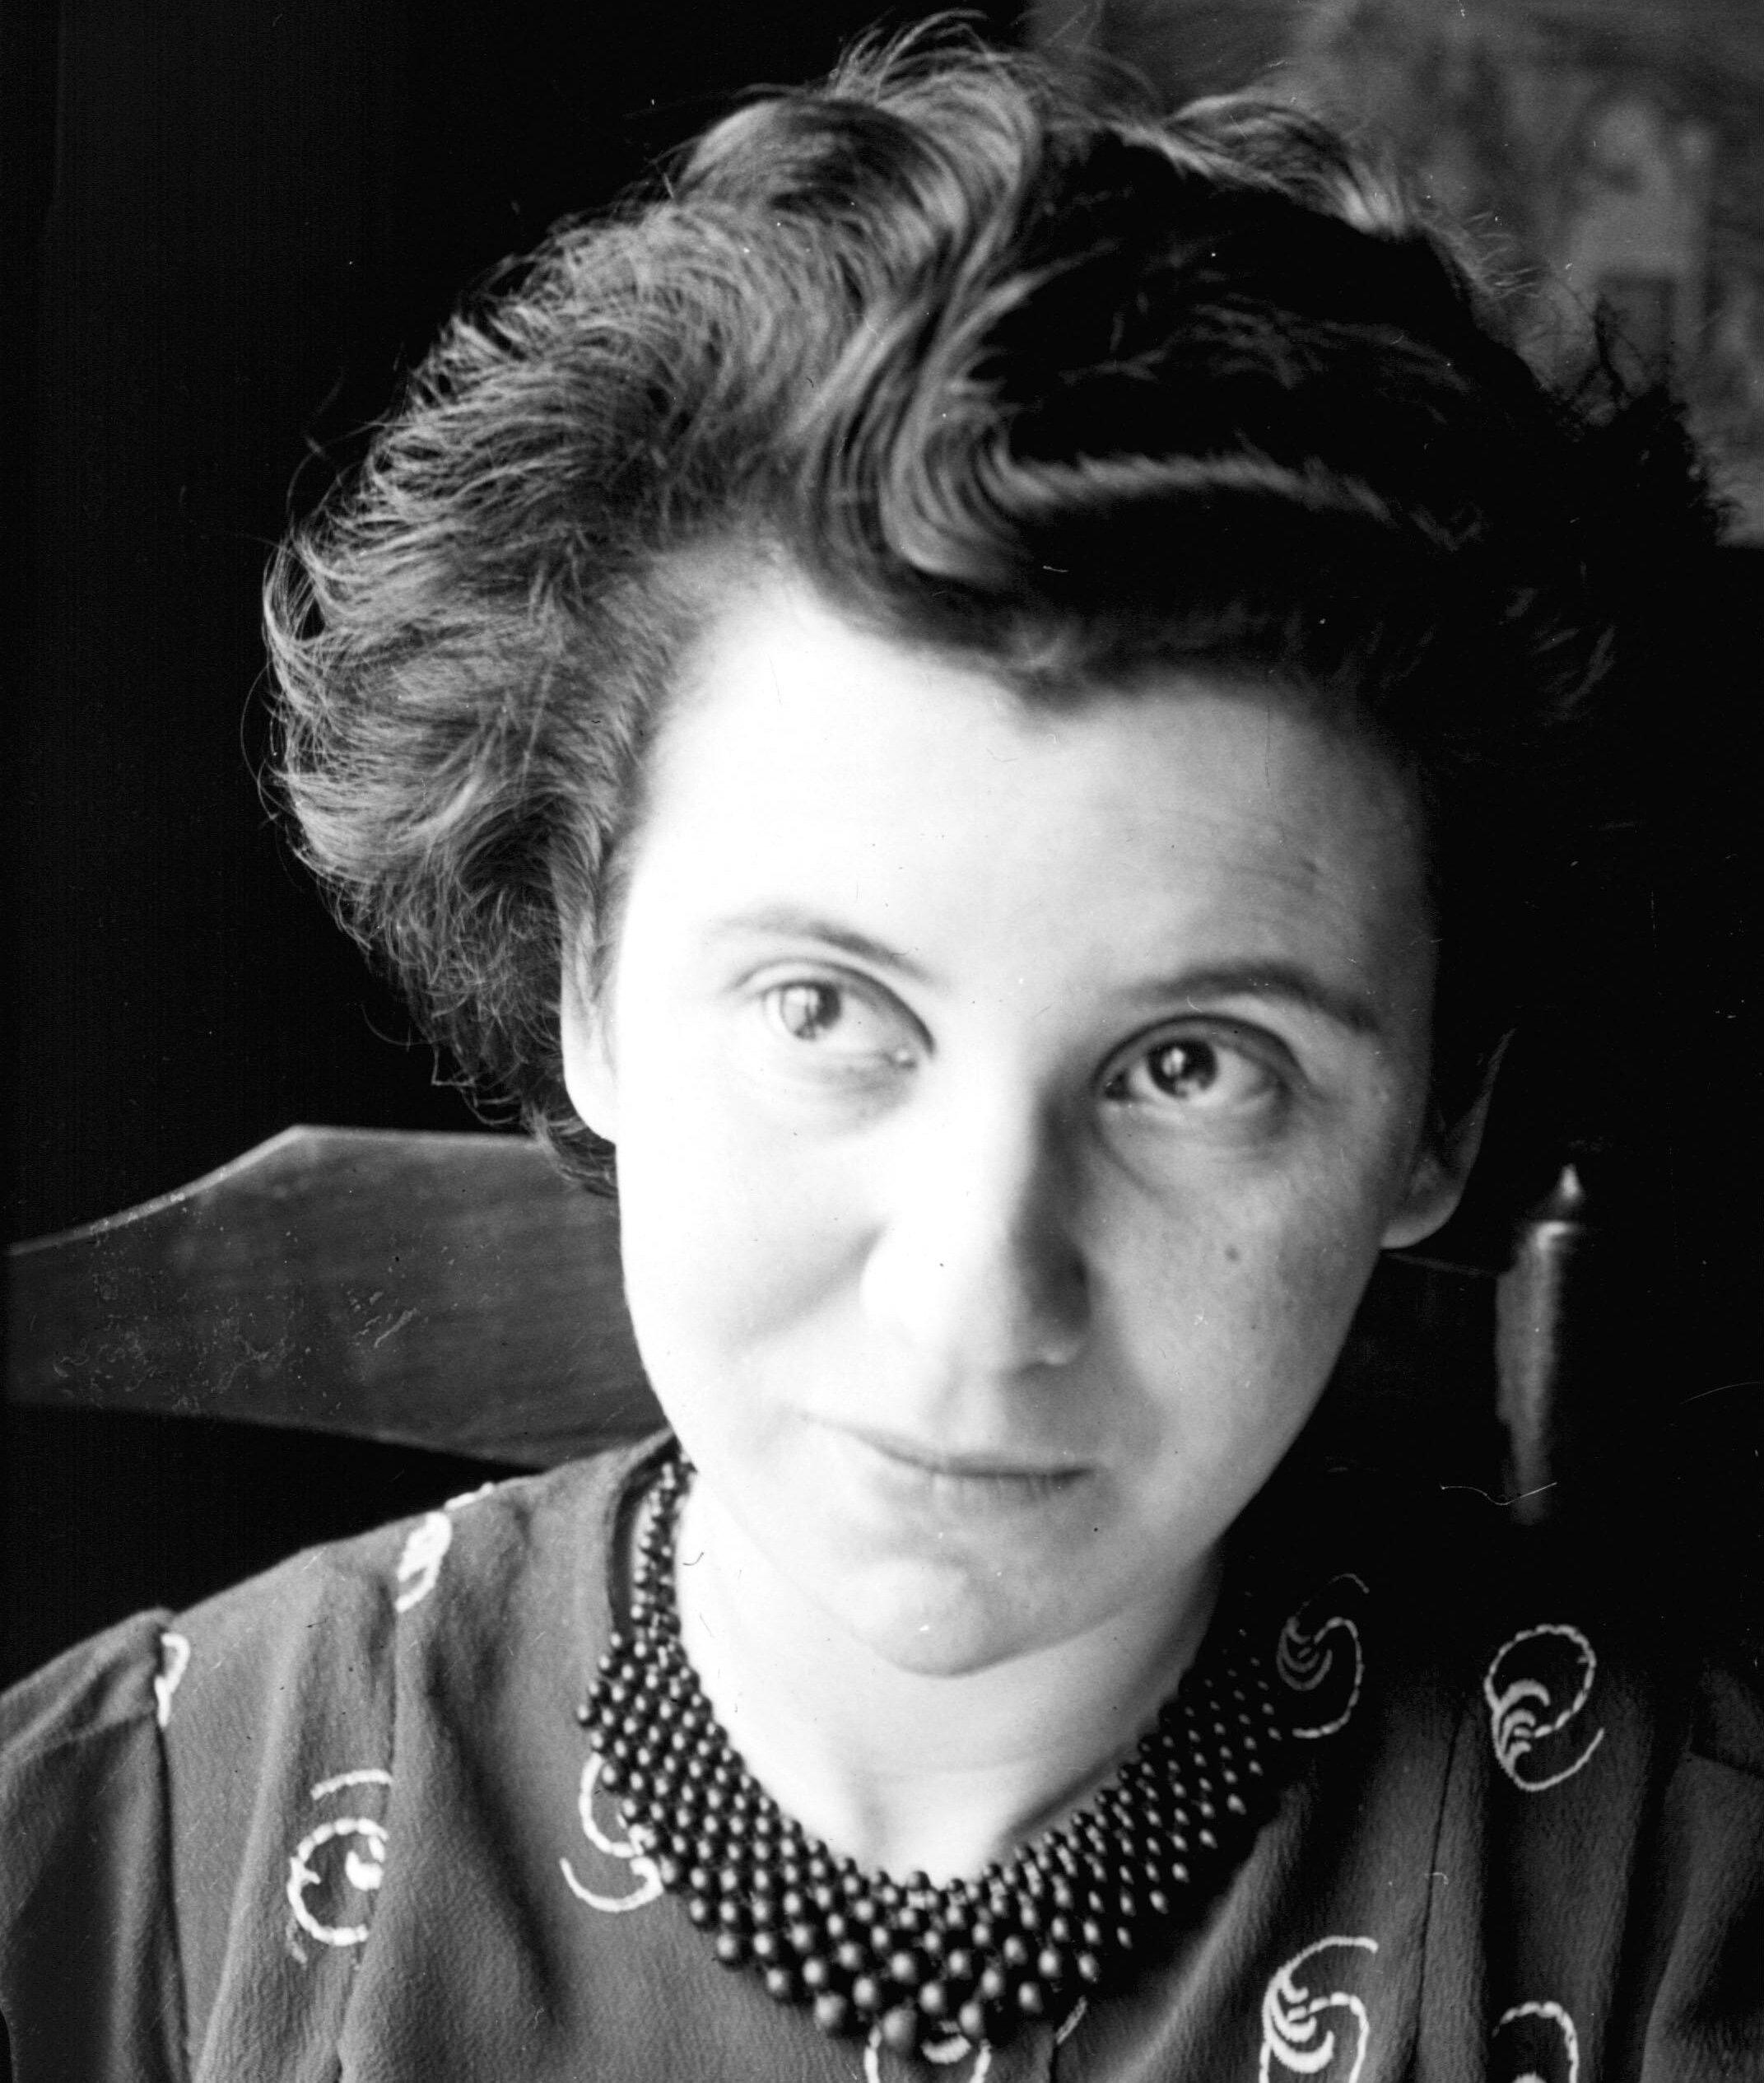 Etty_Hillesum_1939